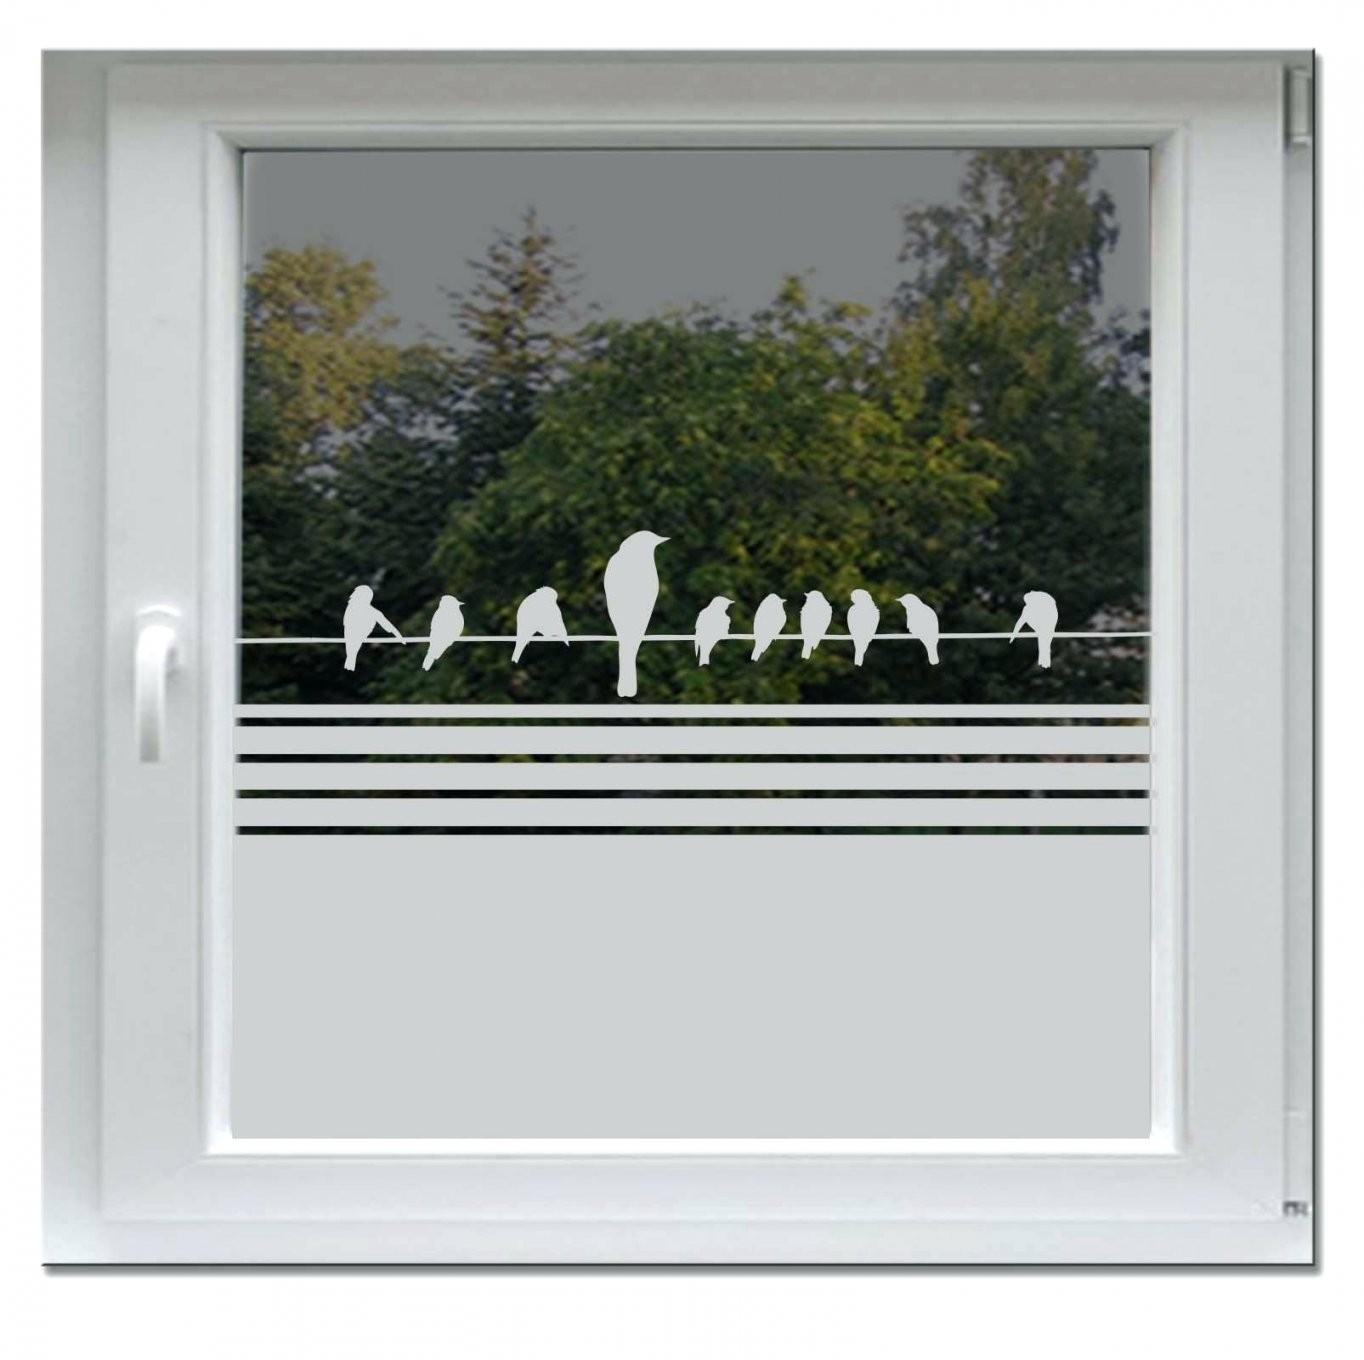 Fensterfolien Sichtschutz Fensterfolien Sichtschutz Munchen von Fensterfolie Sichtschutz Nach Maß Photo